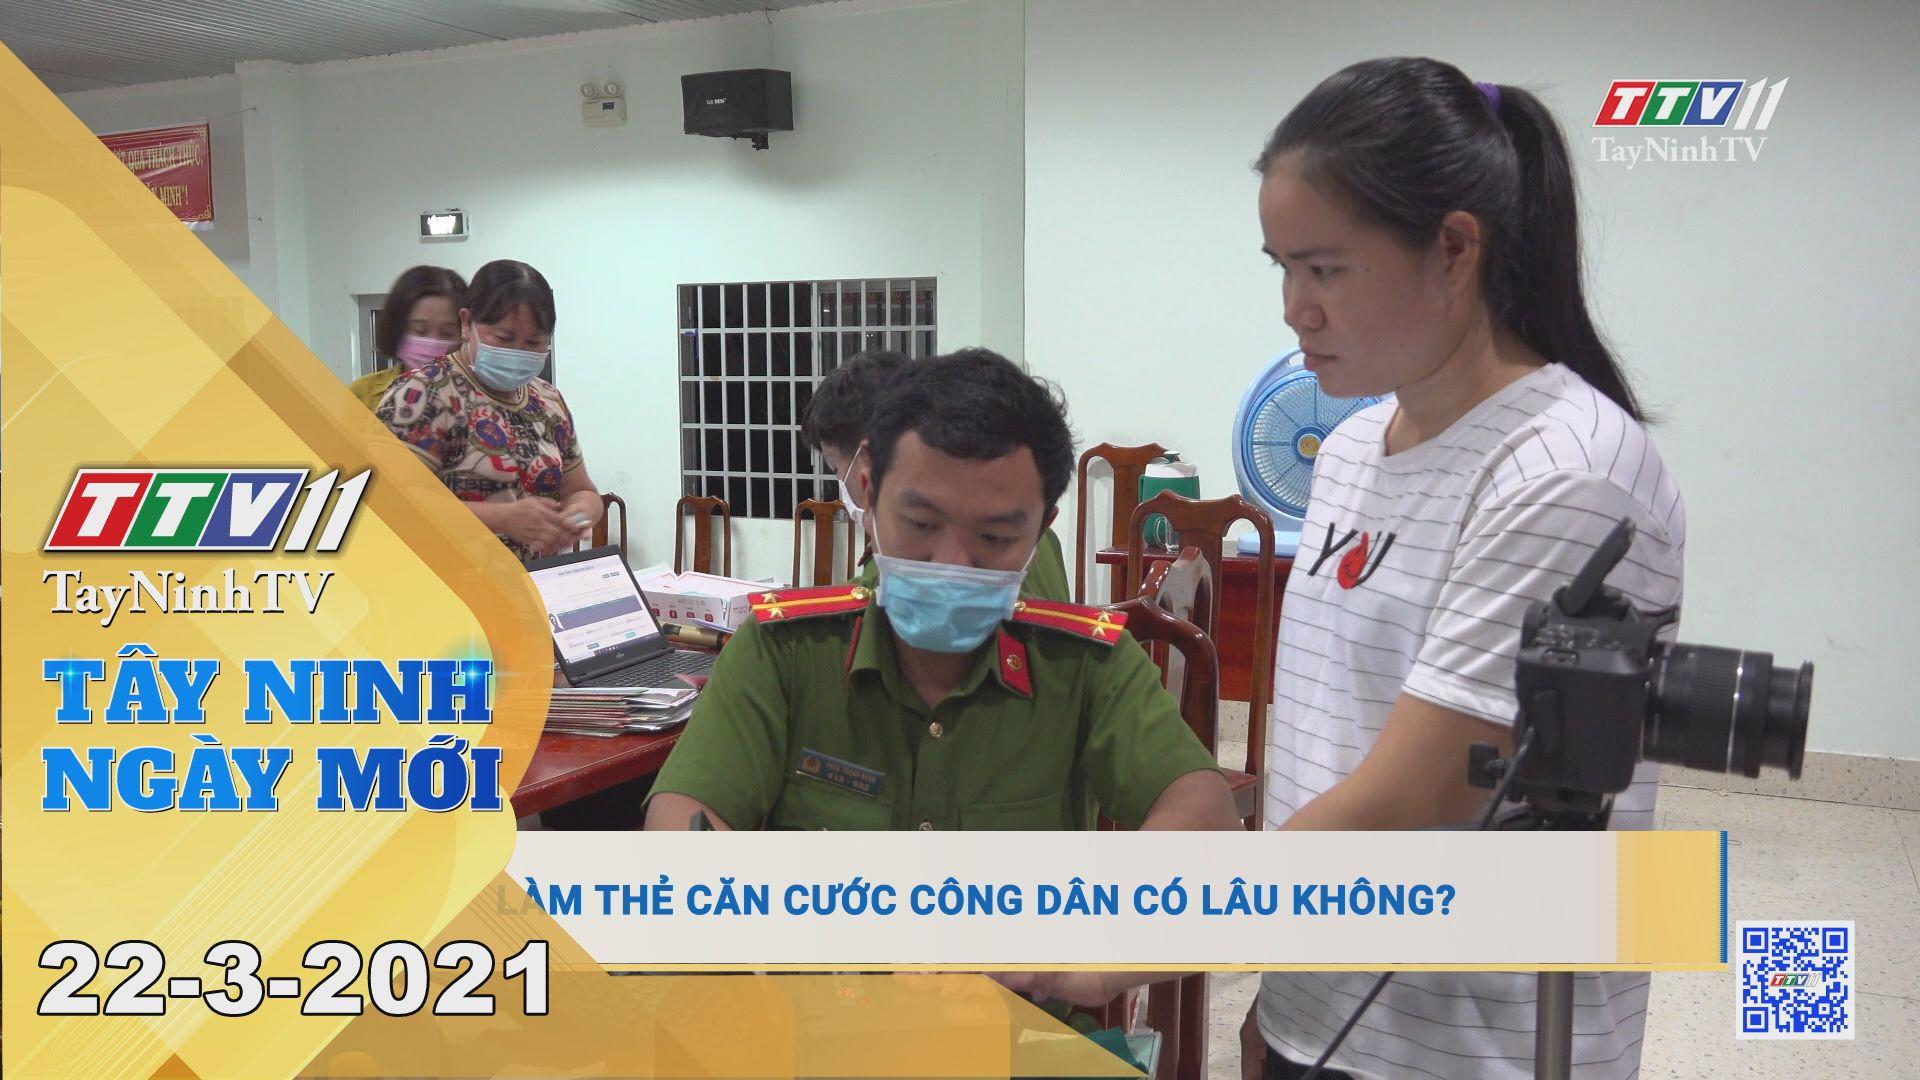 Tây Ninh Ngày Mới 22-3-2021   Tin tức hôm nay   TayNinhTV